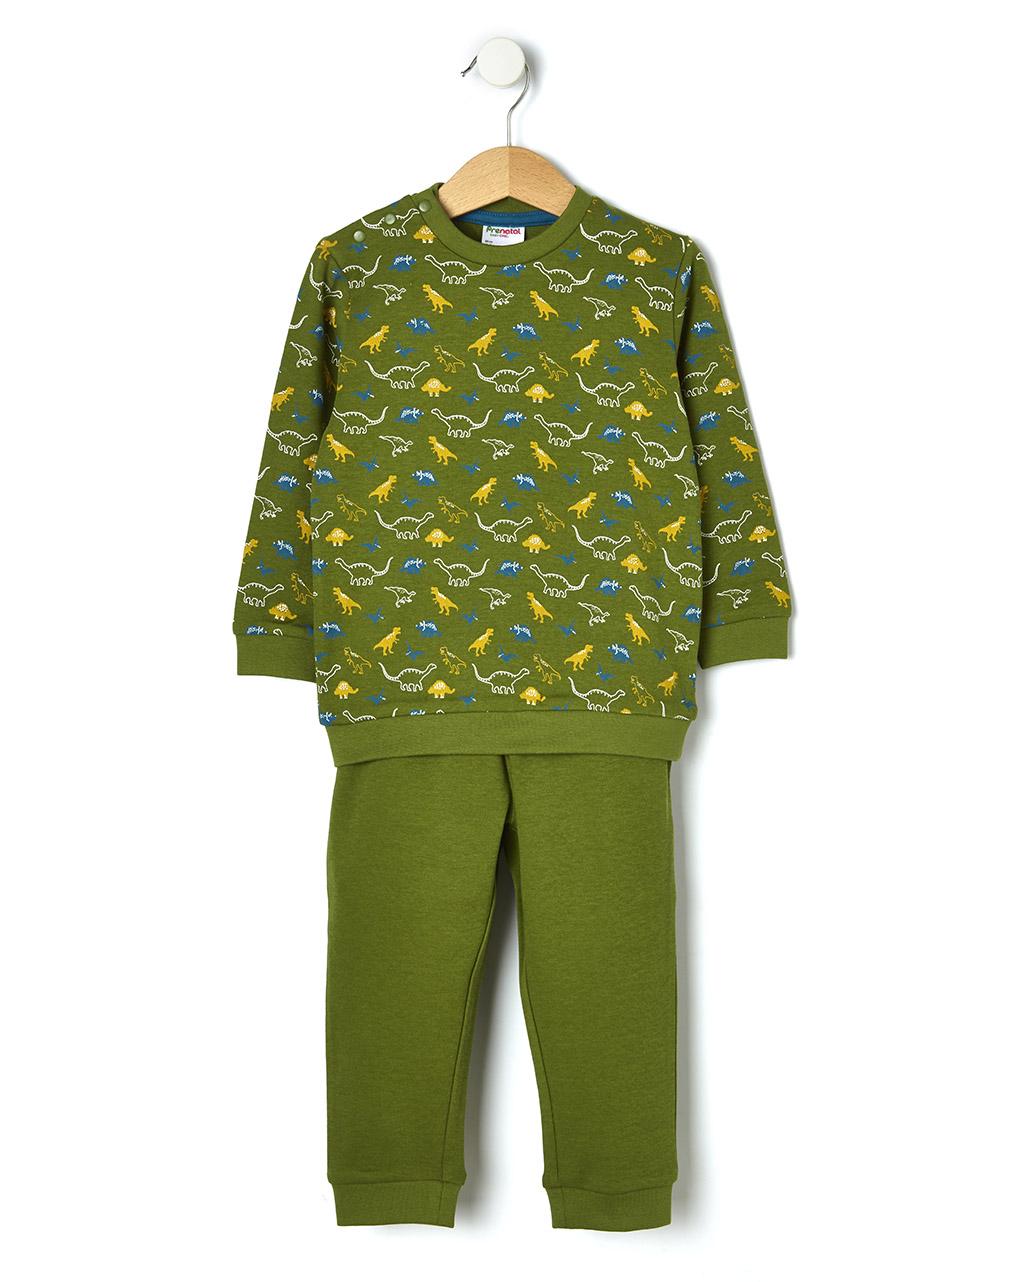 Πιτζάμες με δεινόσαυρους